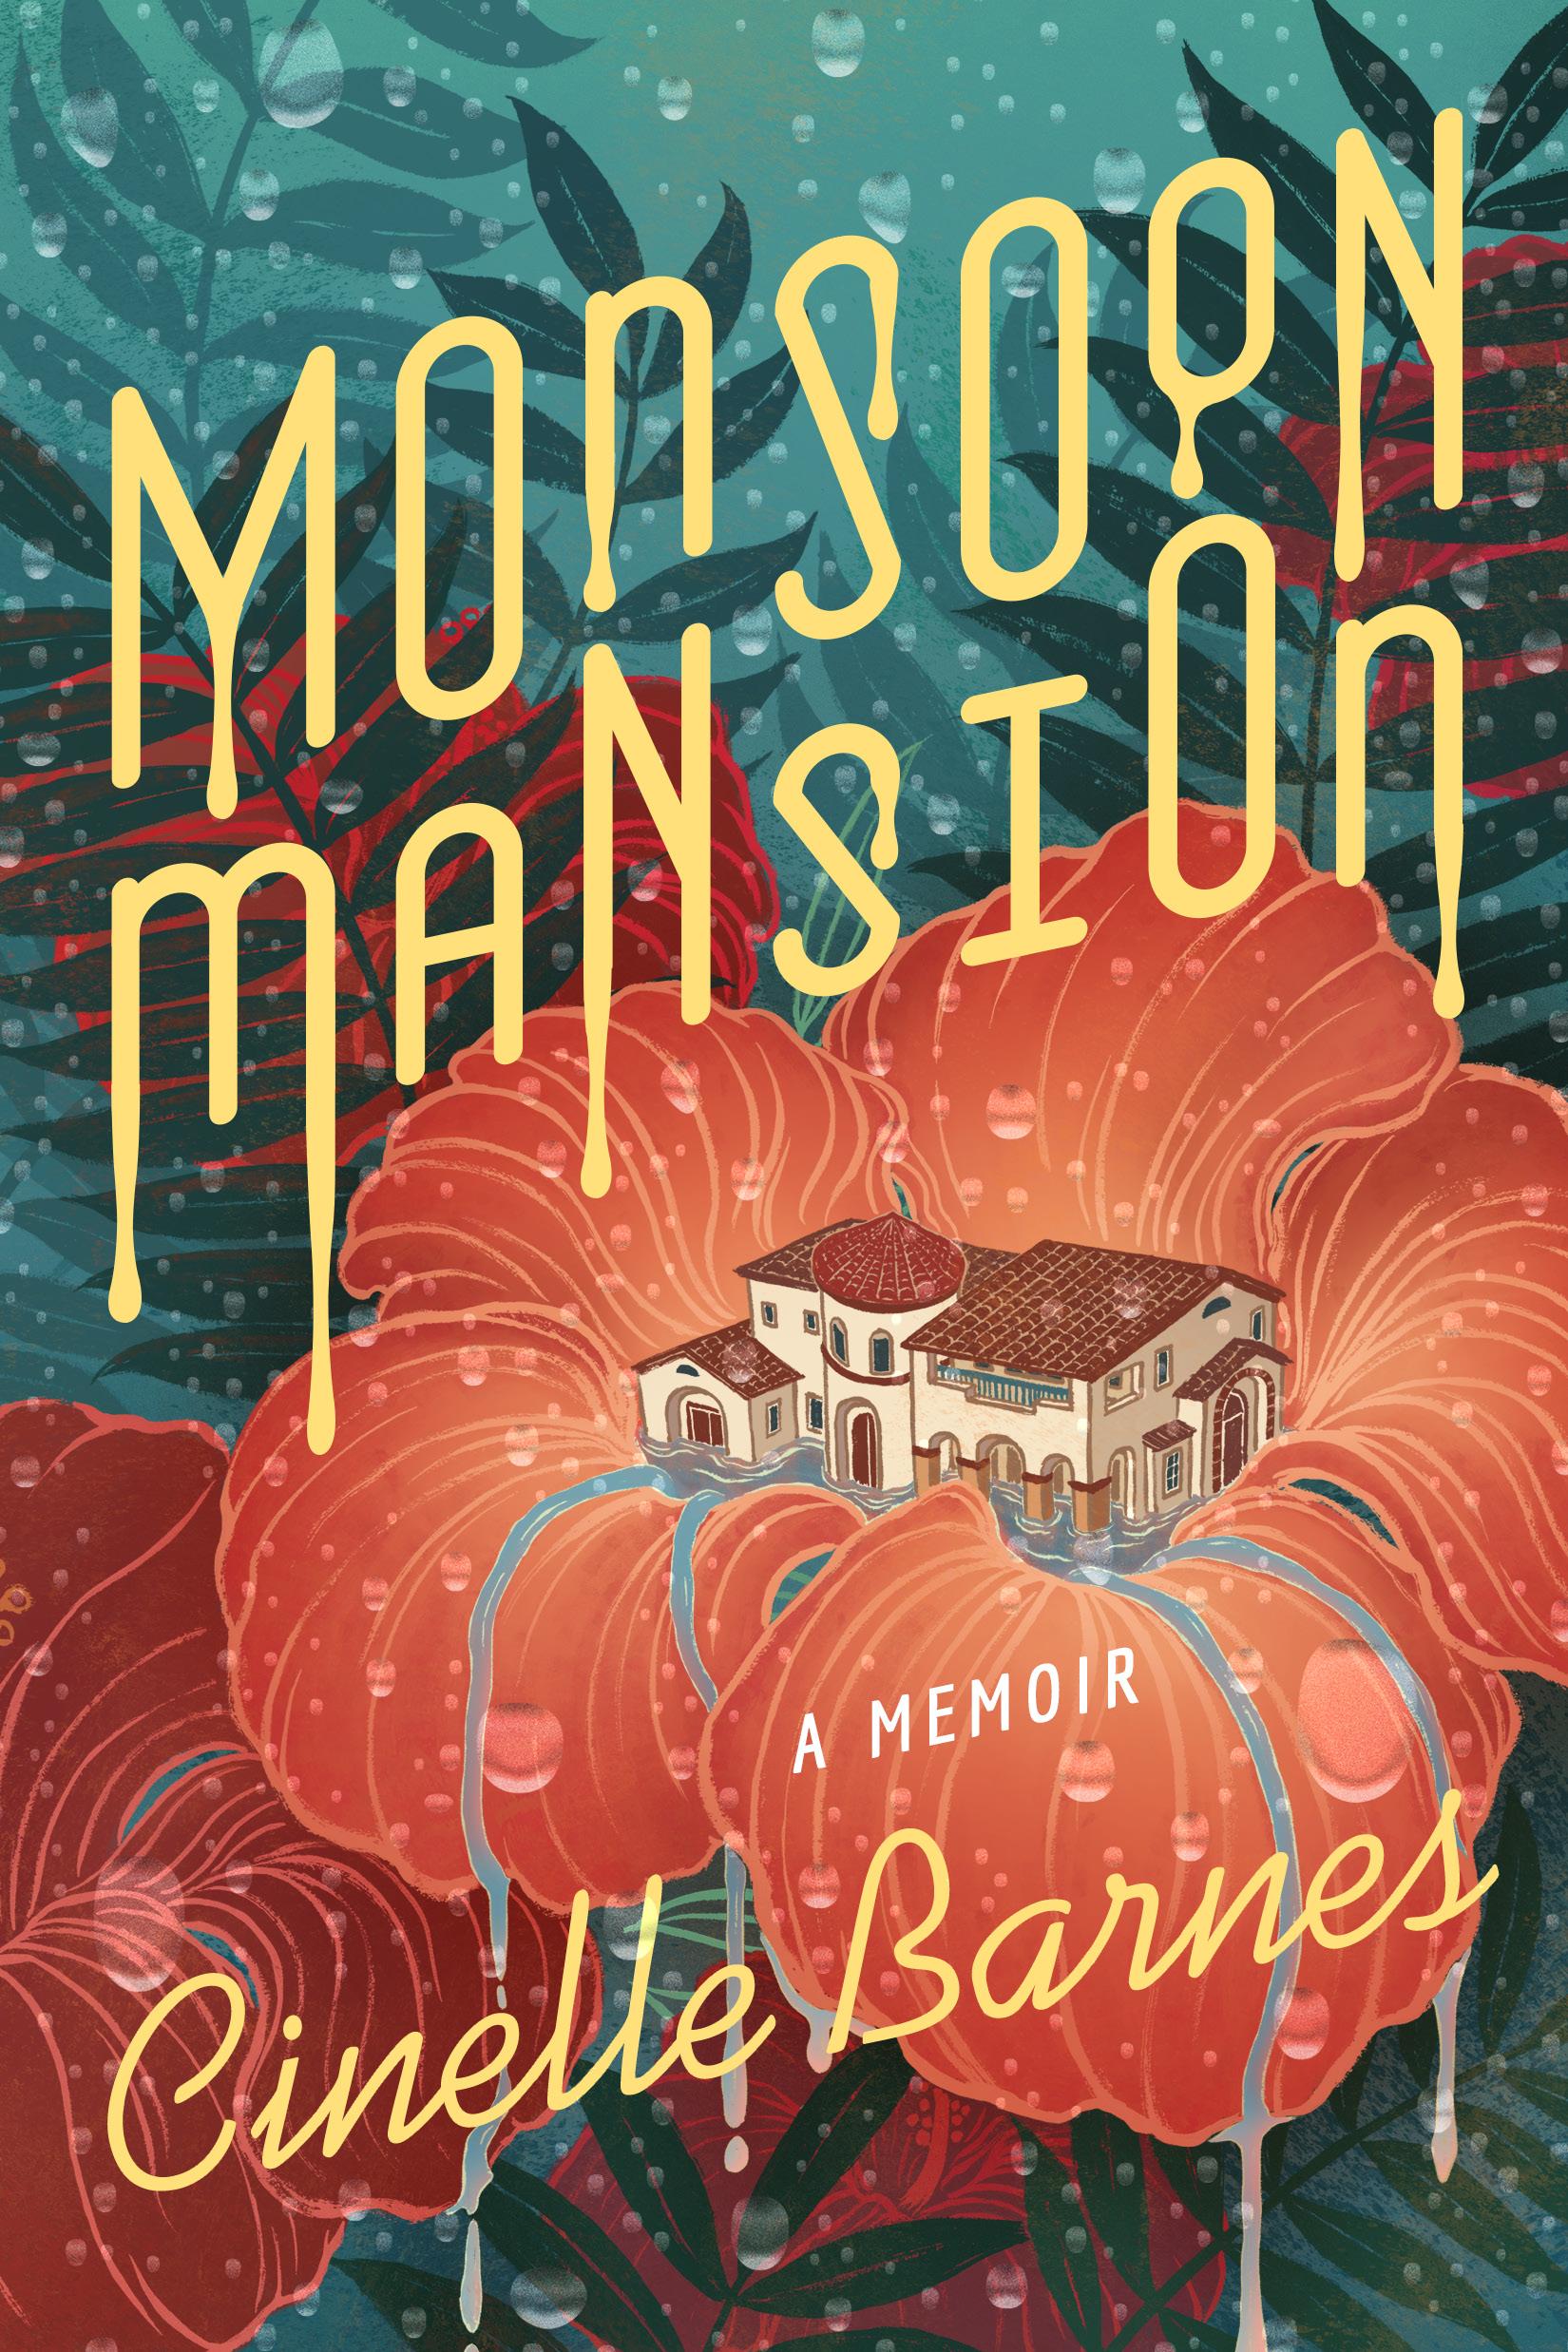 Barnes-MonsoonMansion-24753-CV-FT.jpg